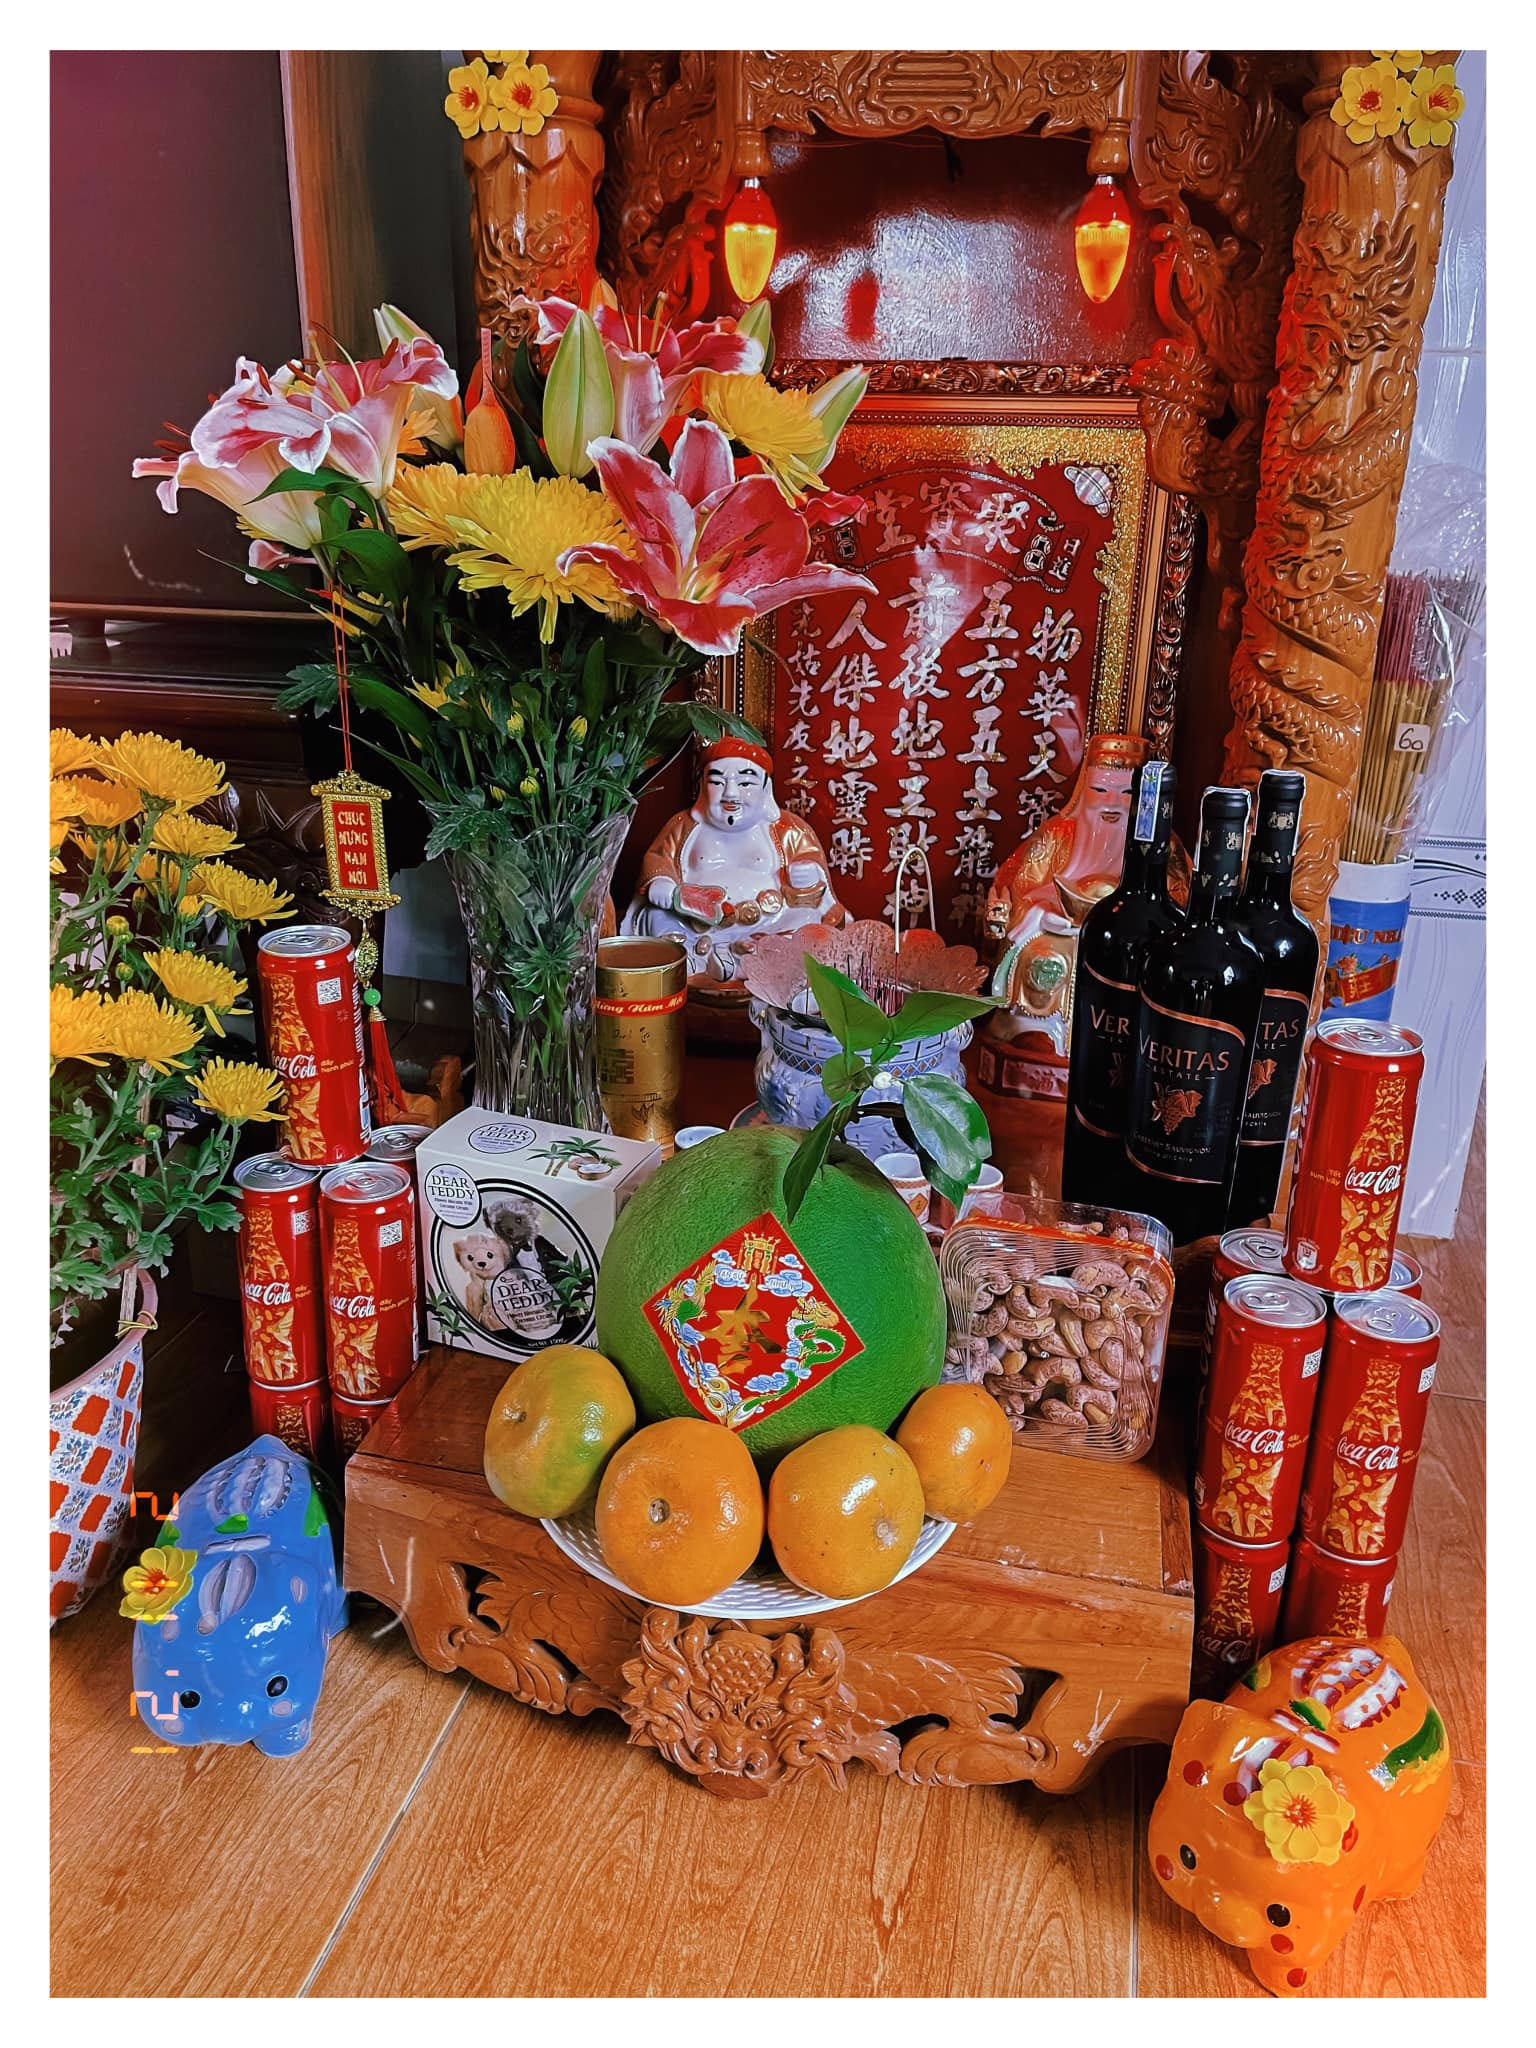 Mâm bồng để đựng hoa quả, bánh kẹo trên bàn thờ